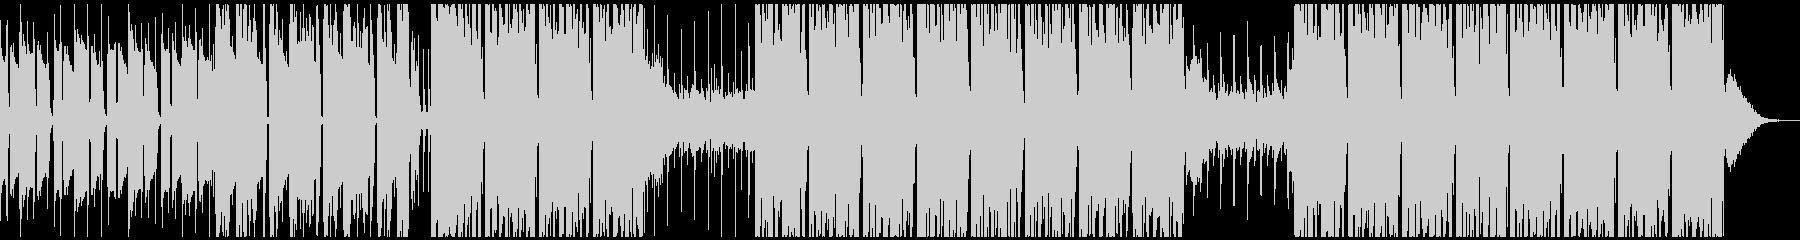 実験的な岩 バックシェイク ファン...の未再生の波形